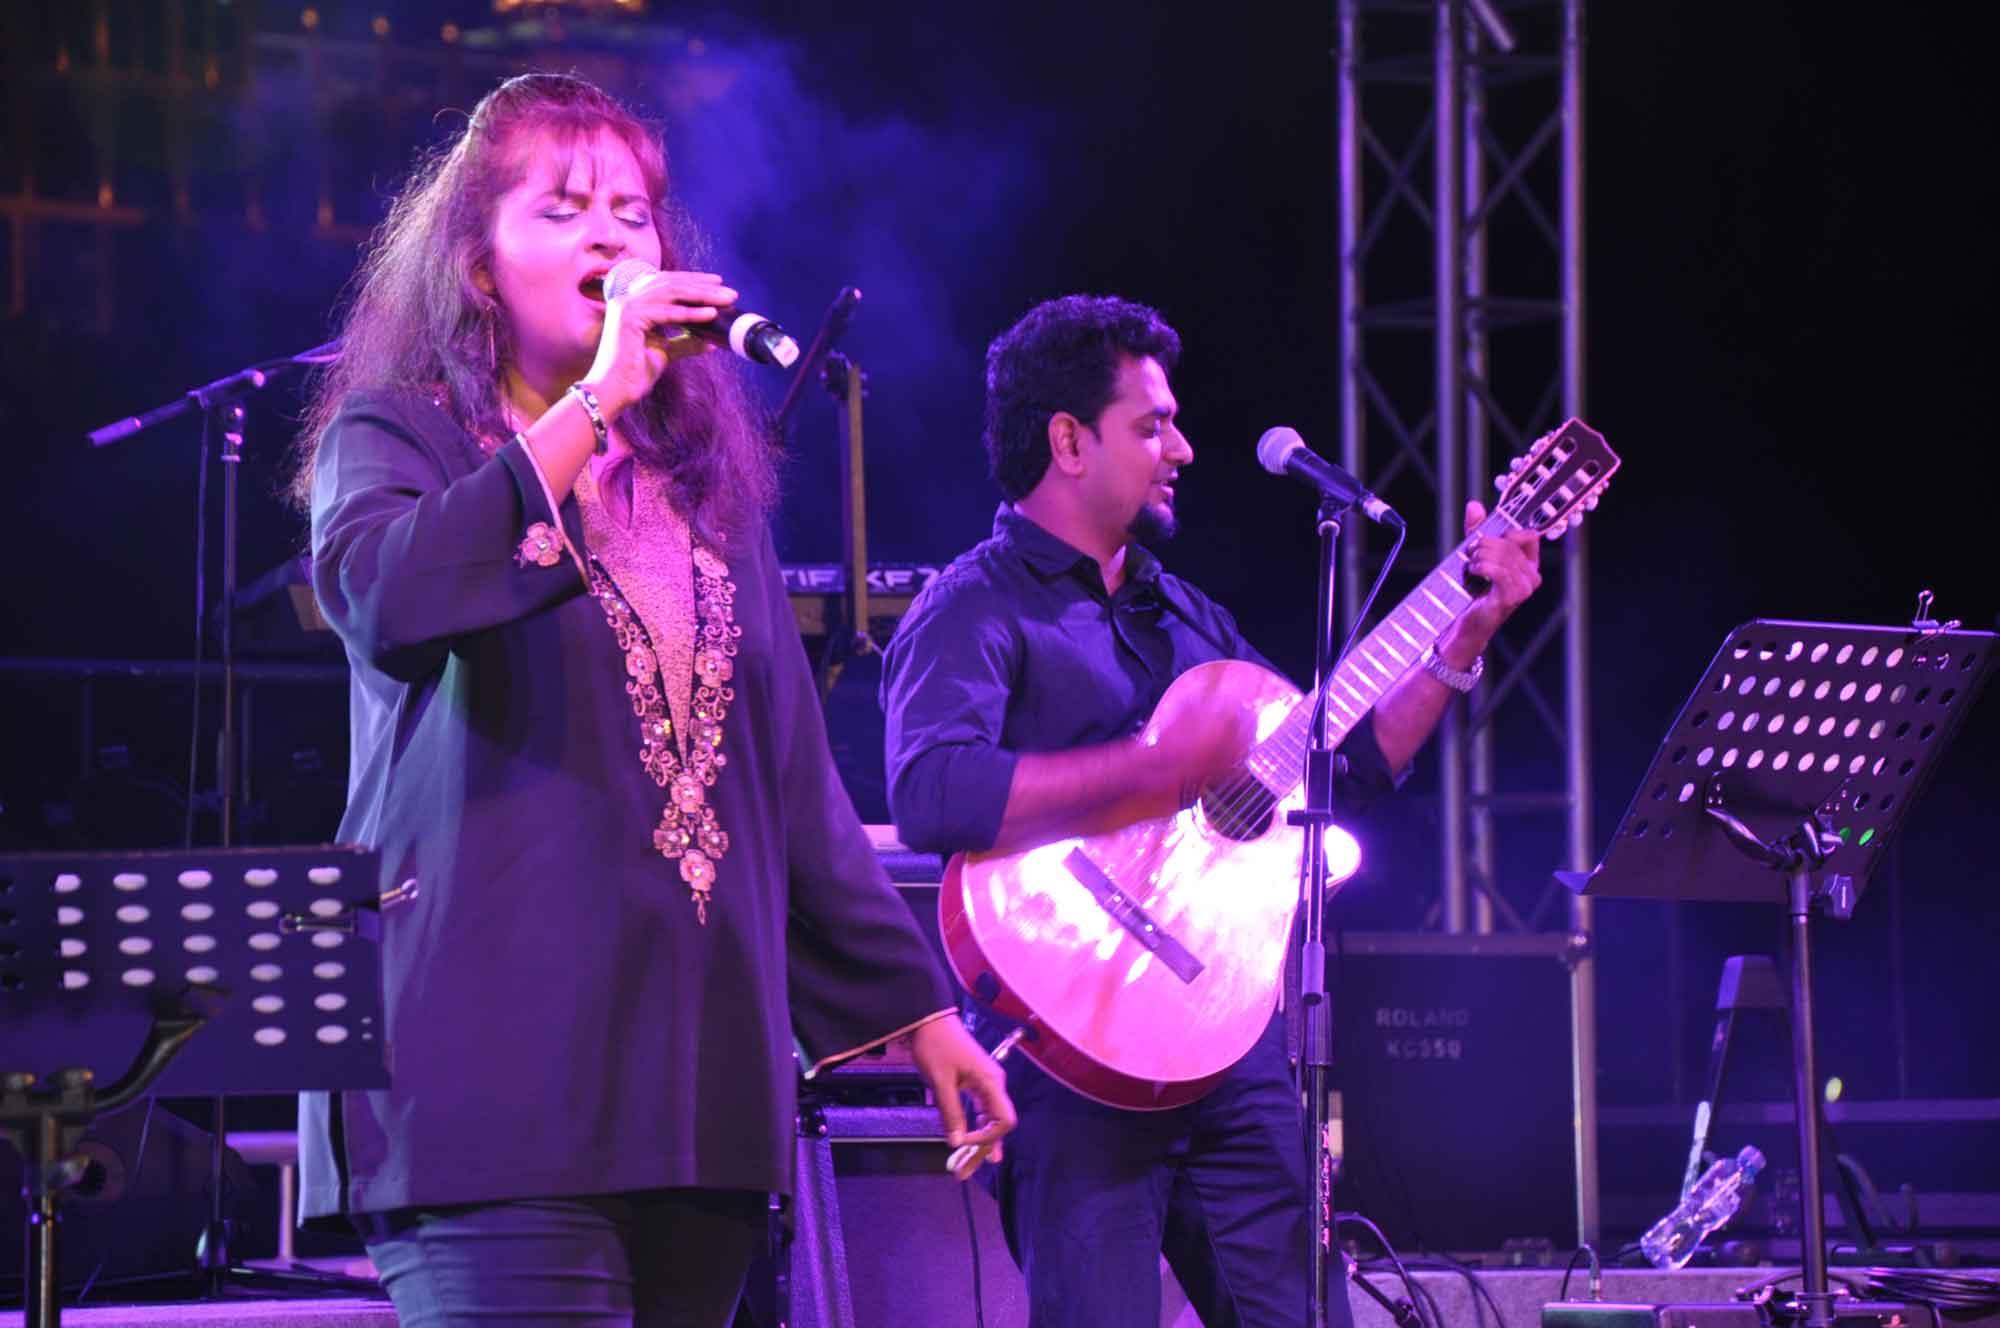 Lusofonia Festival Versatyle singer